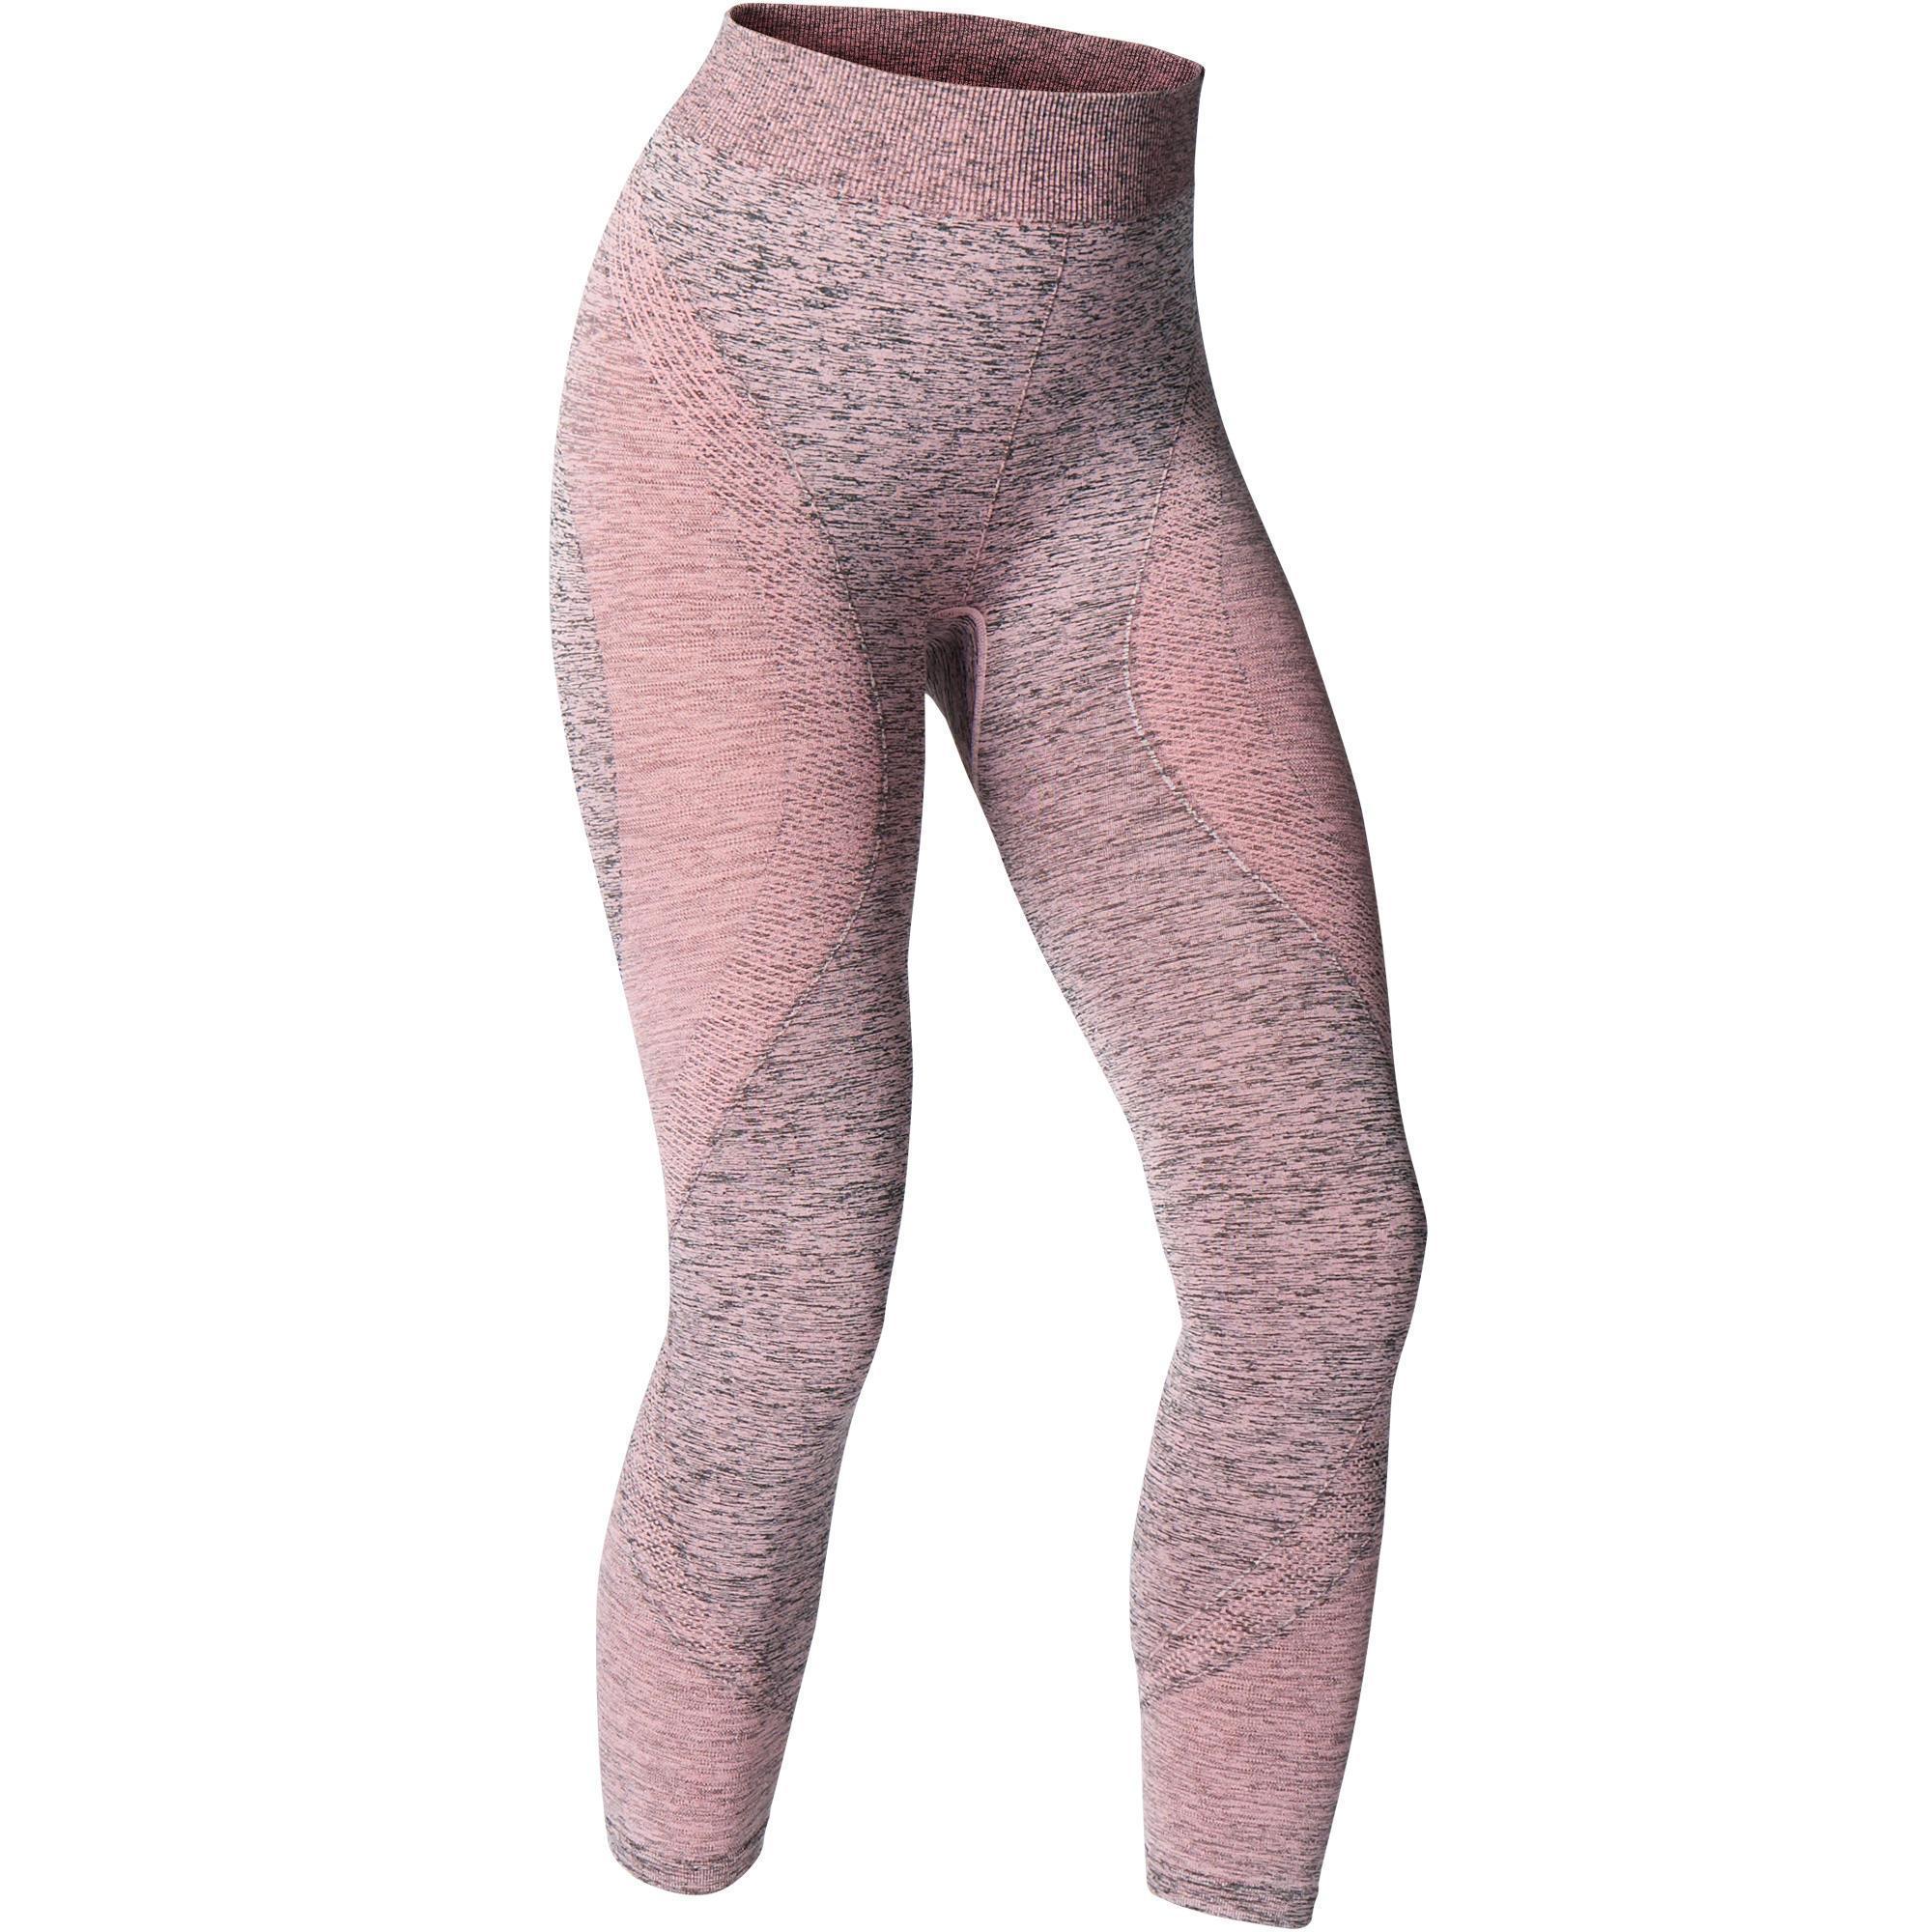 aea18a2624 Seamless 7/8 Yoga Leggings - Dusty Pink | Domyos by Decathlon